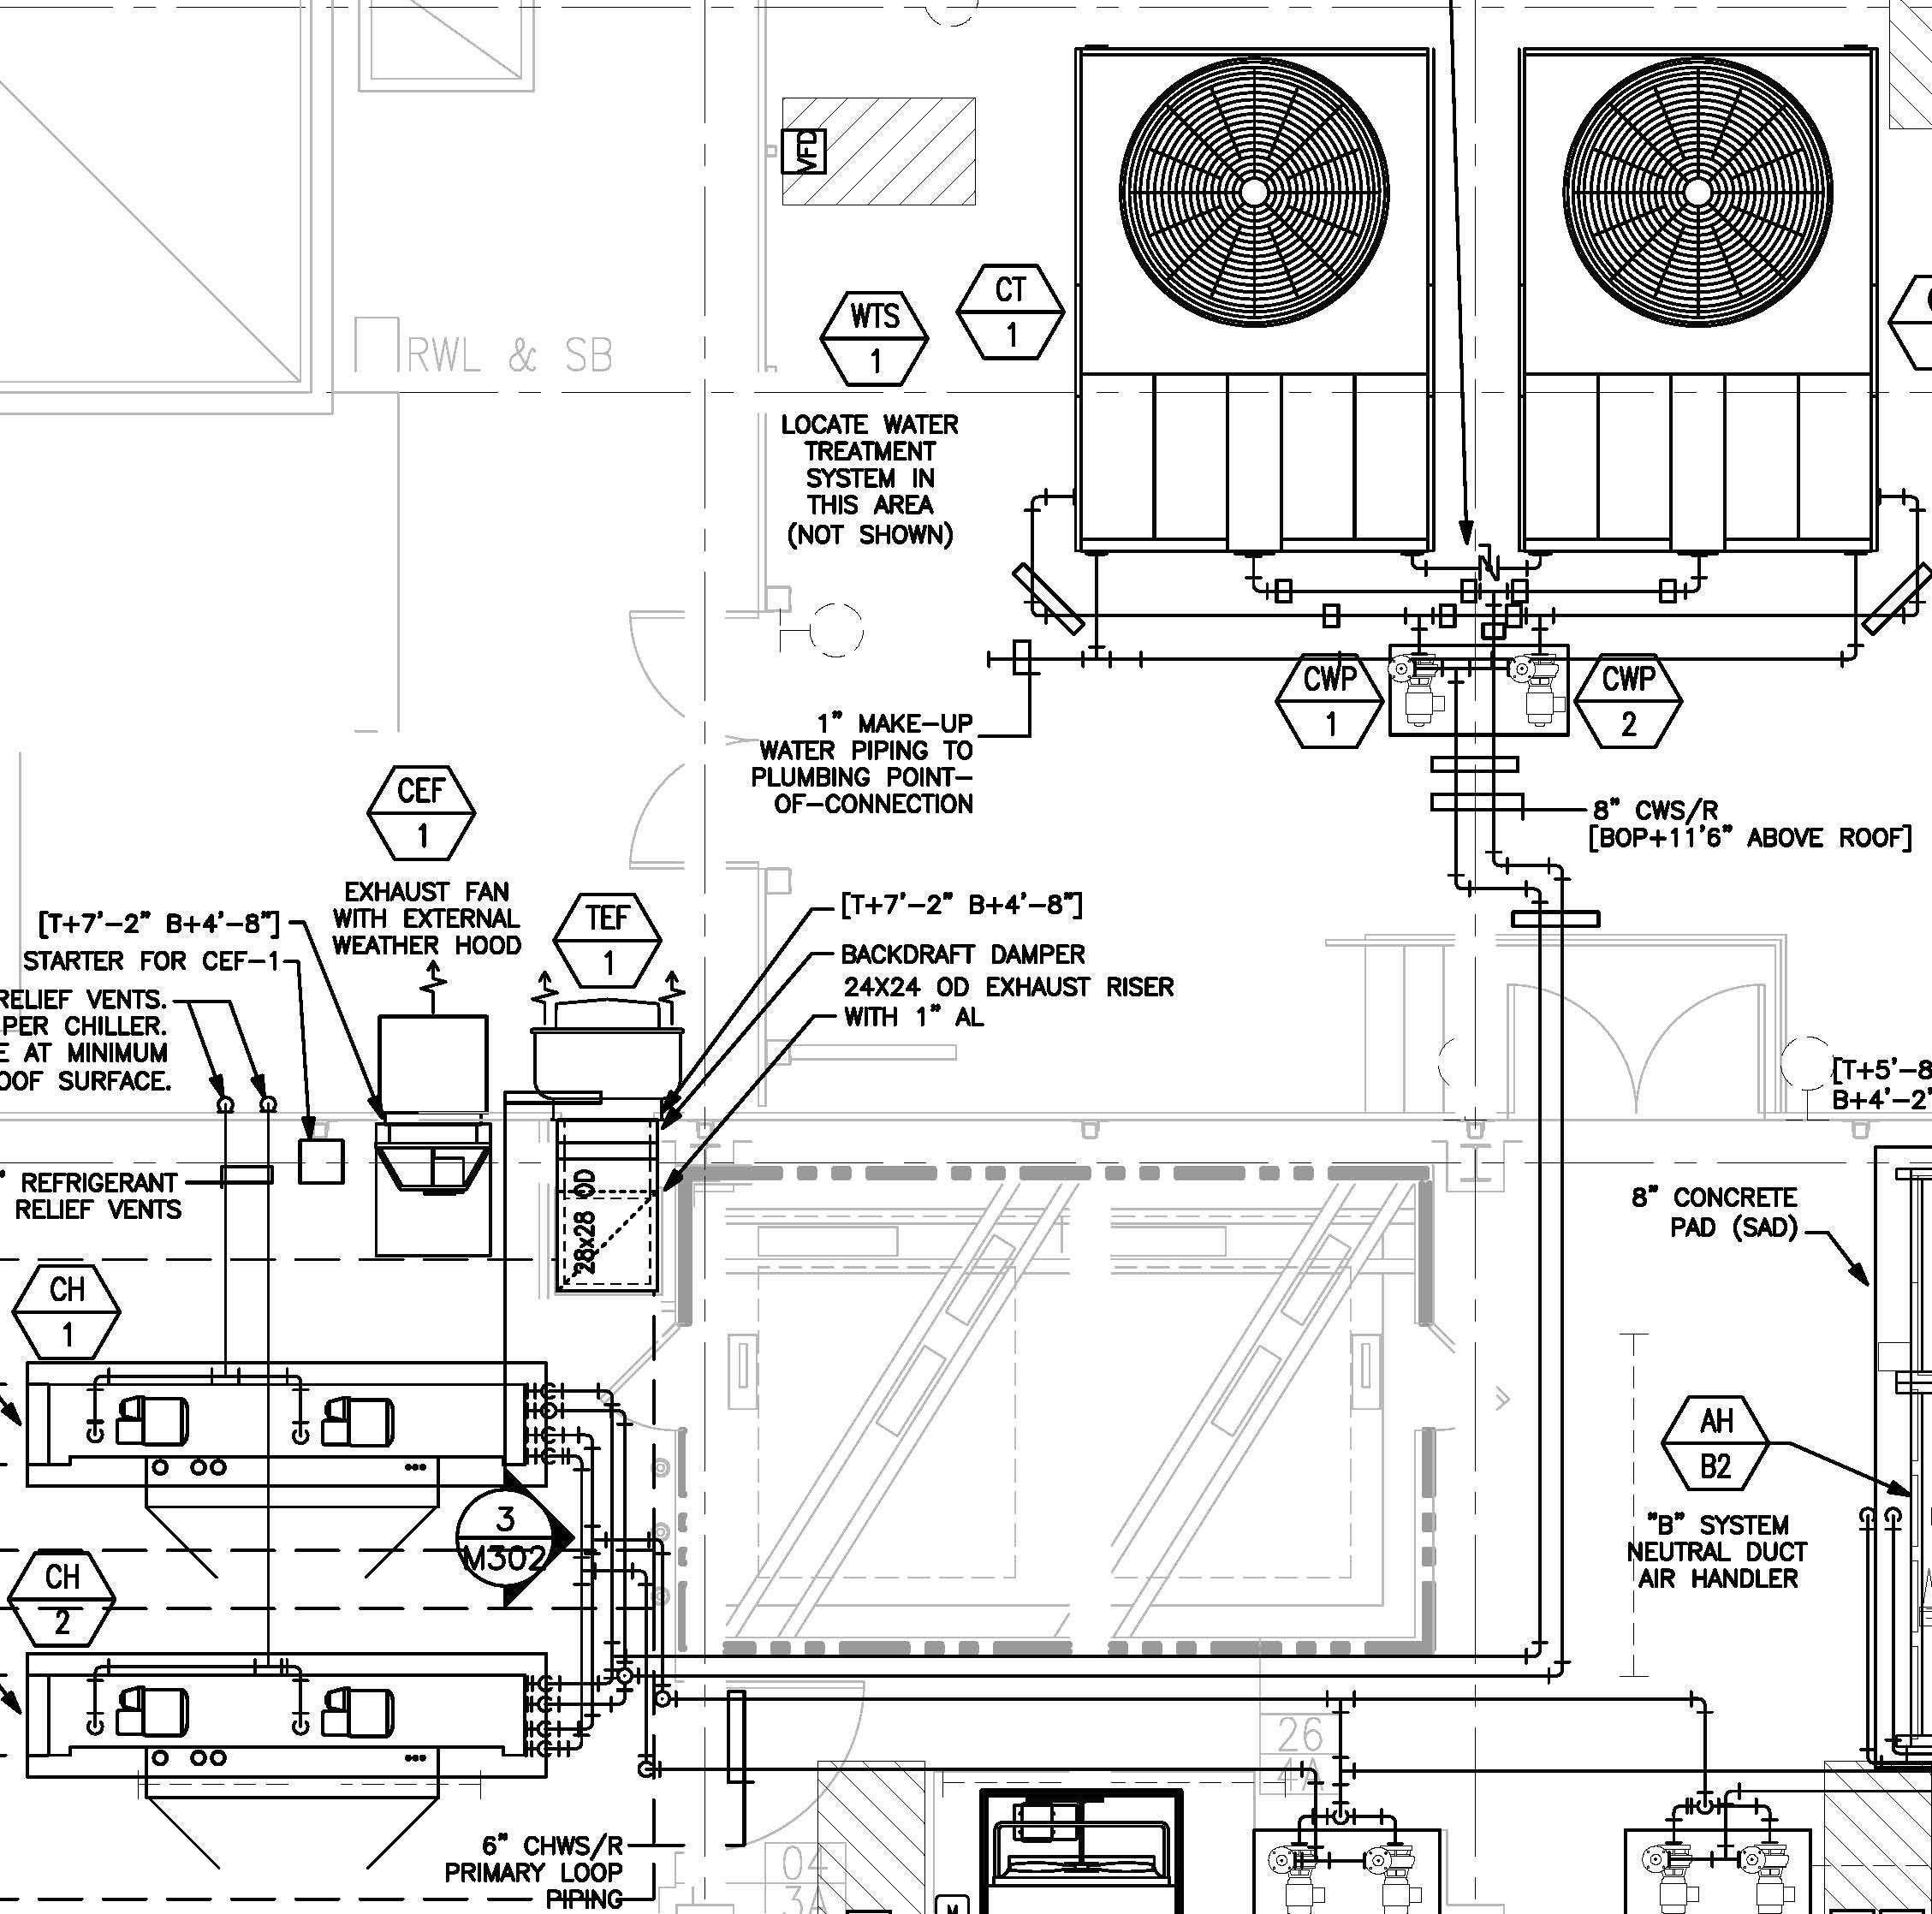 Wiring Diagram for 1986 Club Car 29b5a5 1986 Club Car Wiring Diagram Of Wiring Diagram for 1986 Club Car